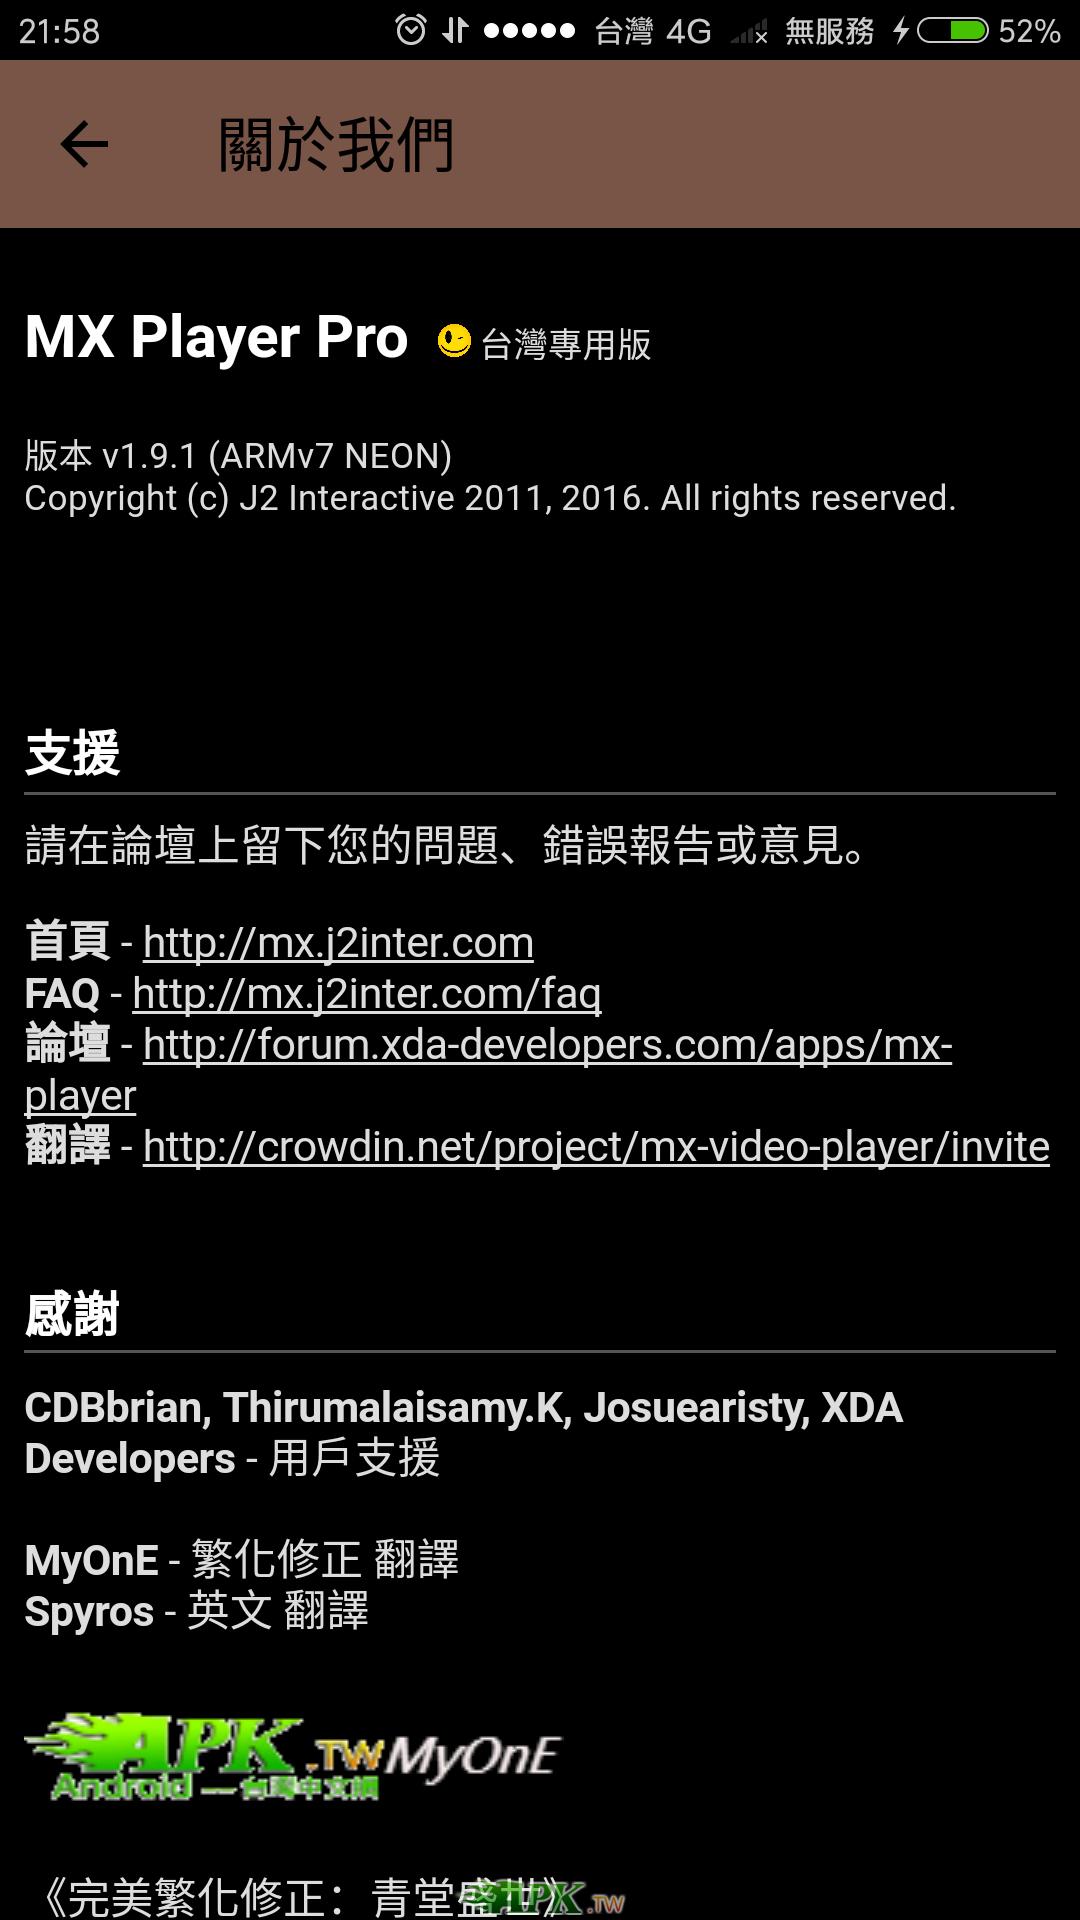 Screenshot_2017-07-07-21-58-21-404_com.mxtech.videoplayer.pro.png